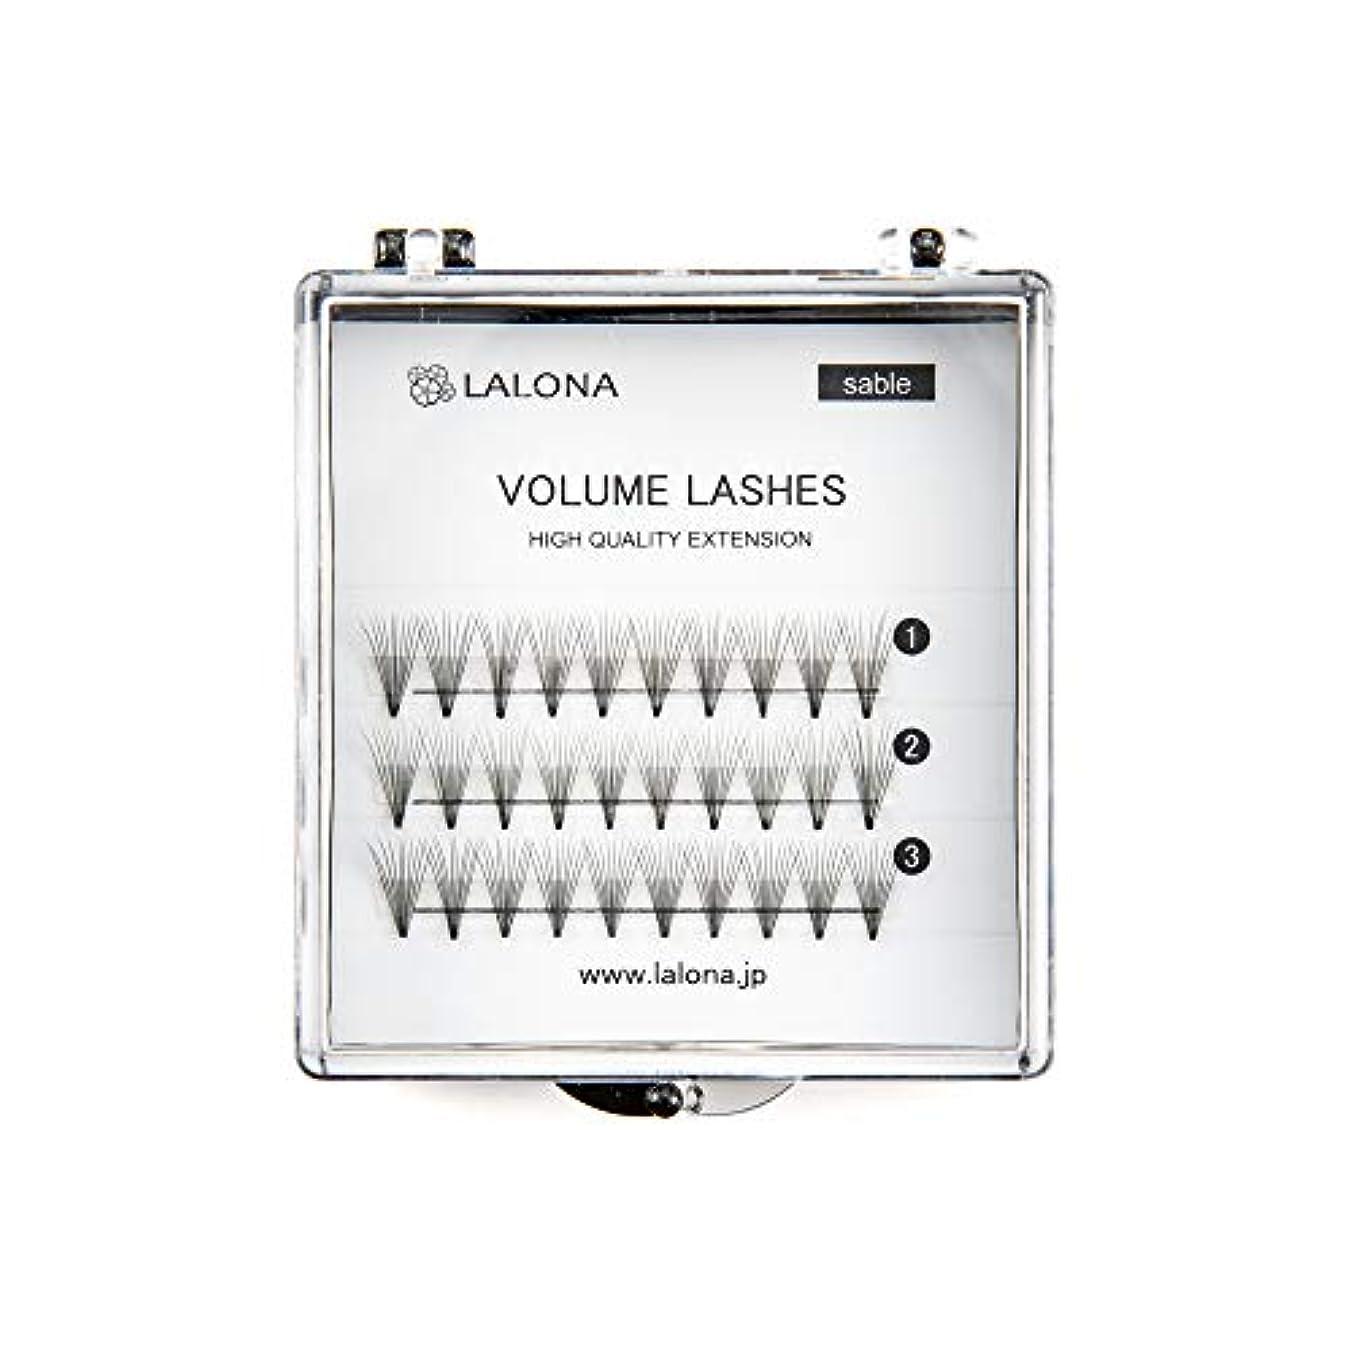 集中的な熱心可能LALONA [ ラローナ ] ボリュームラッシュ (10D) (30pcs) まつげエクステ 10本束 フレアラッシュ まつエク 束まつげ セーブル (Dカール / 10mm)